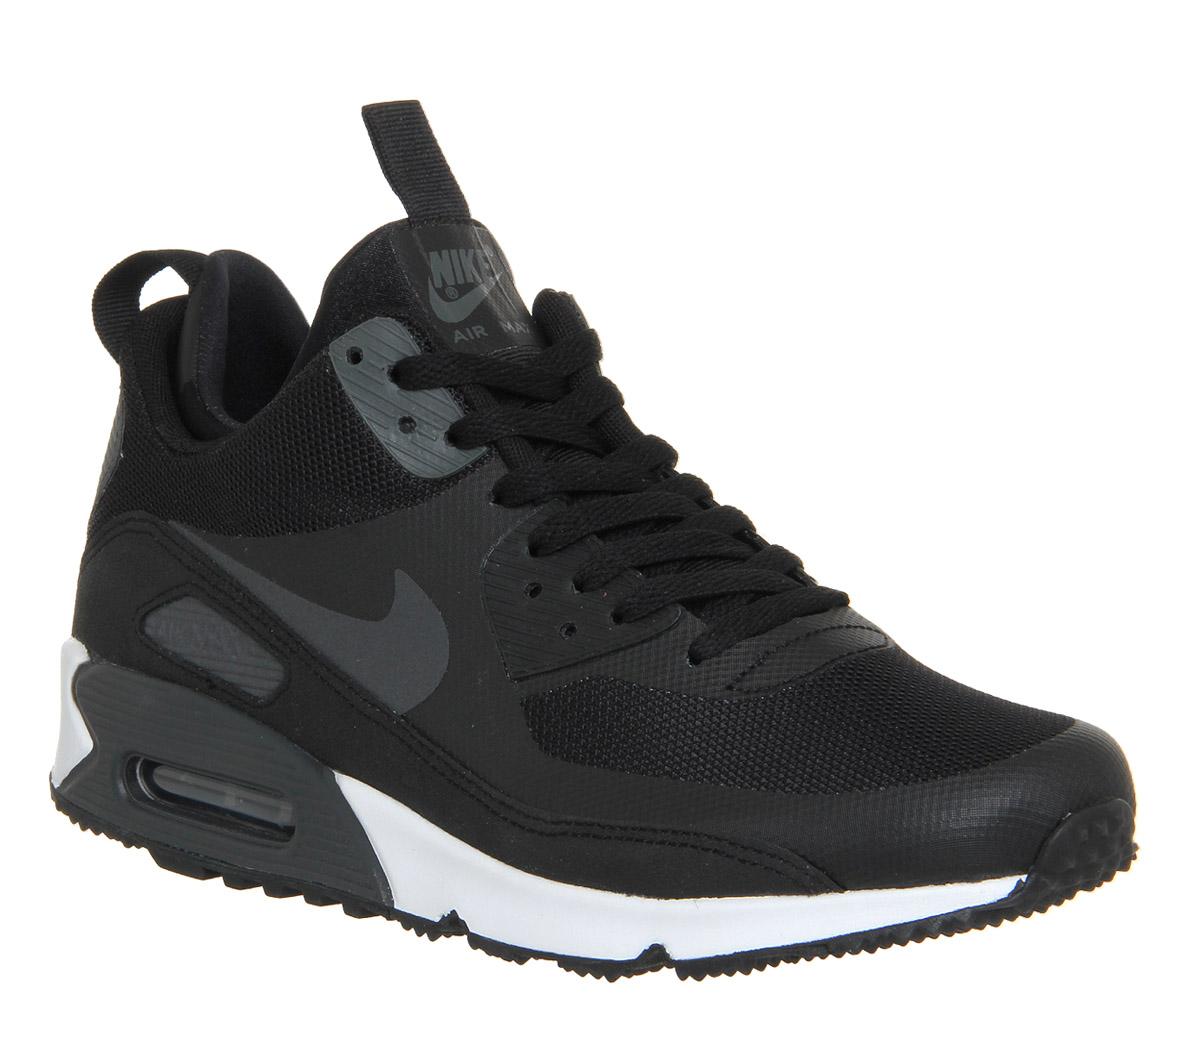 Nike Air Max 90 Sneakerboot Winter Waterproof Mens Size 9